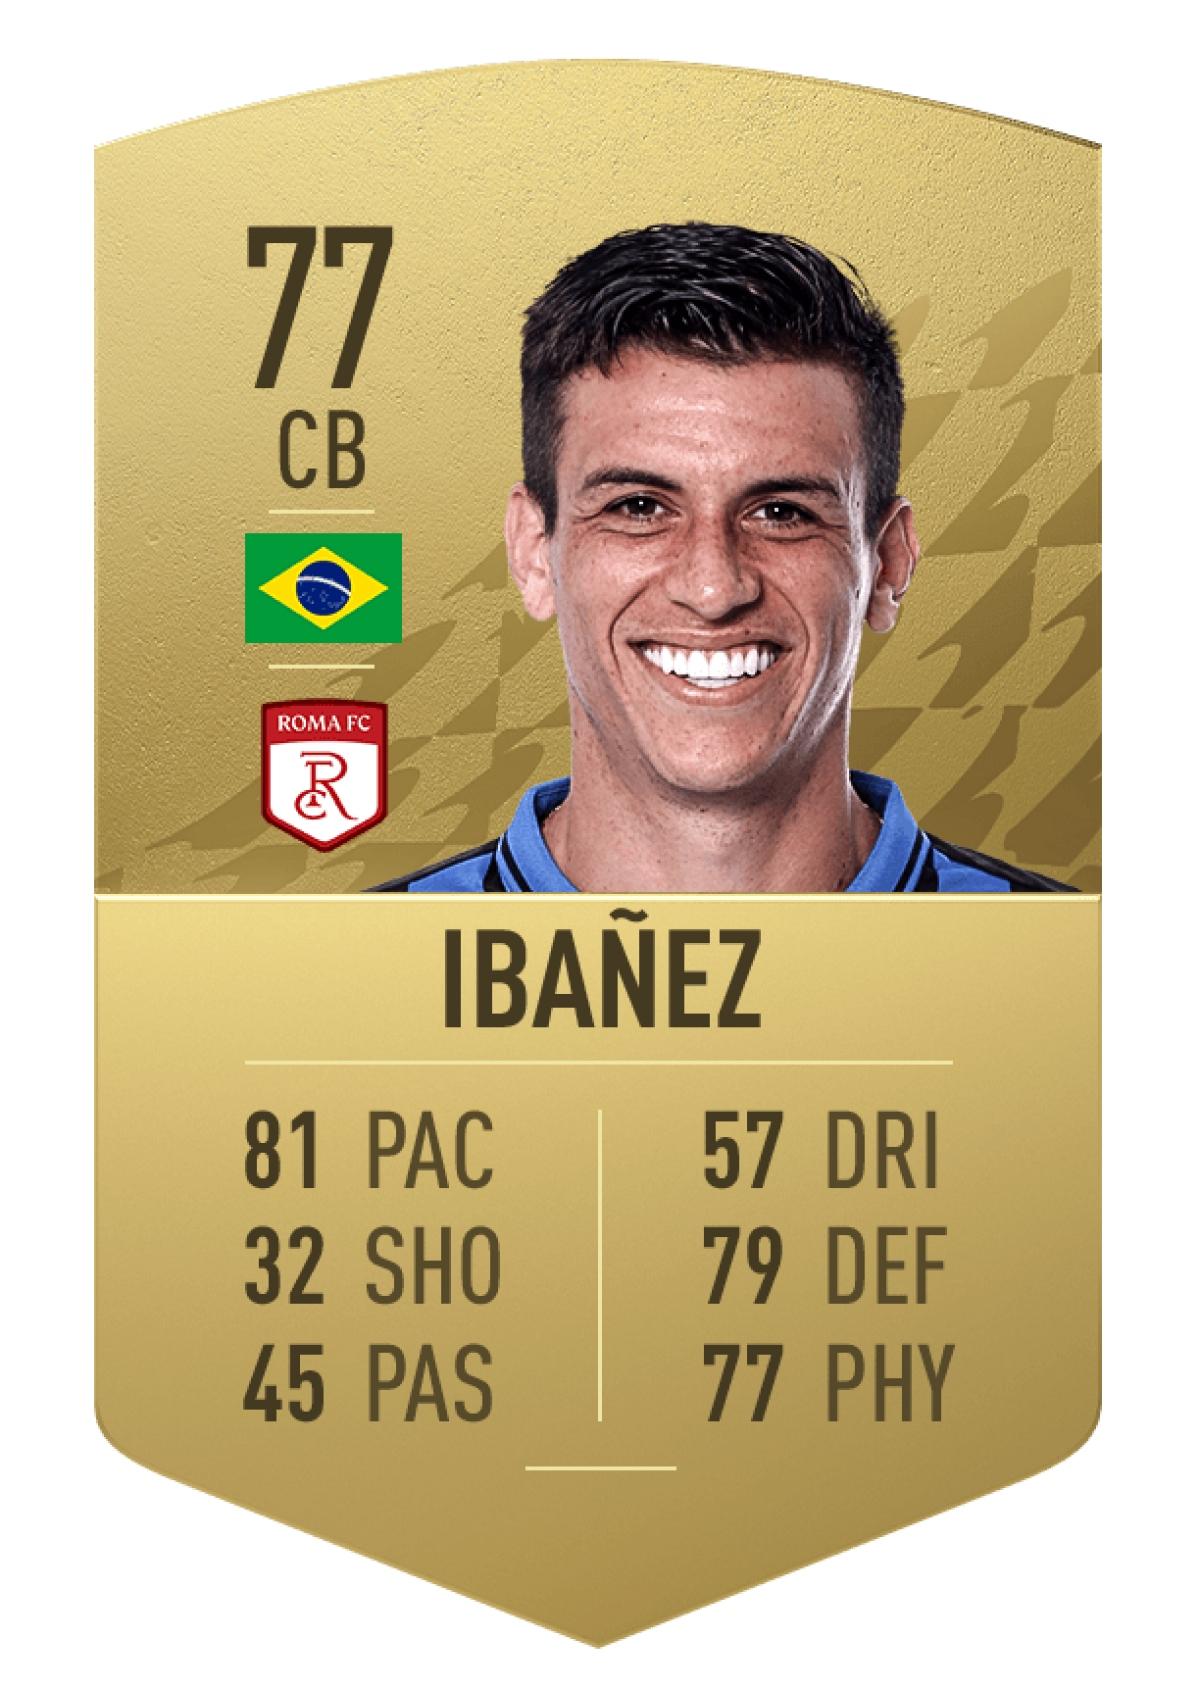 1. Trung vệ Roger Ibanez | AS Roma | Tổng chỉ số: 77 (+13 so với FIFA 21)